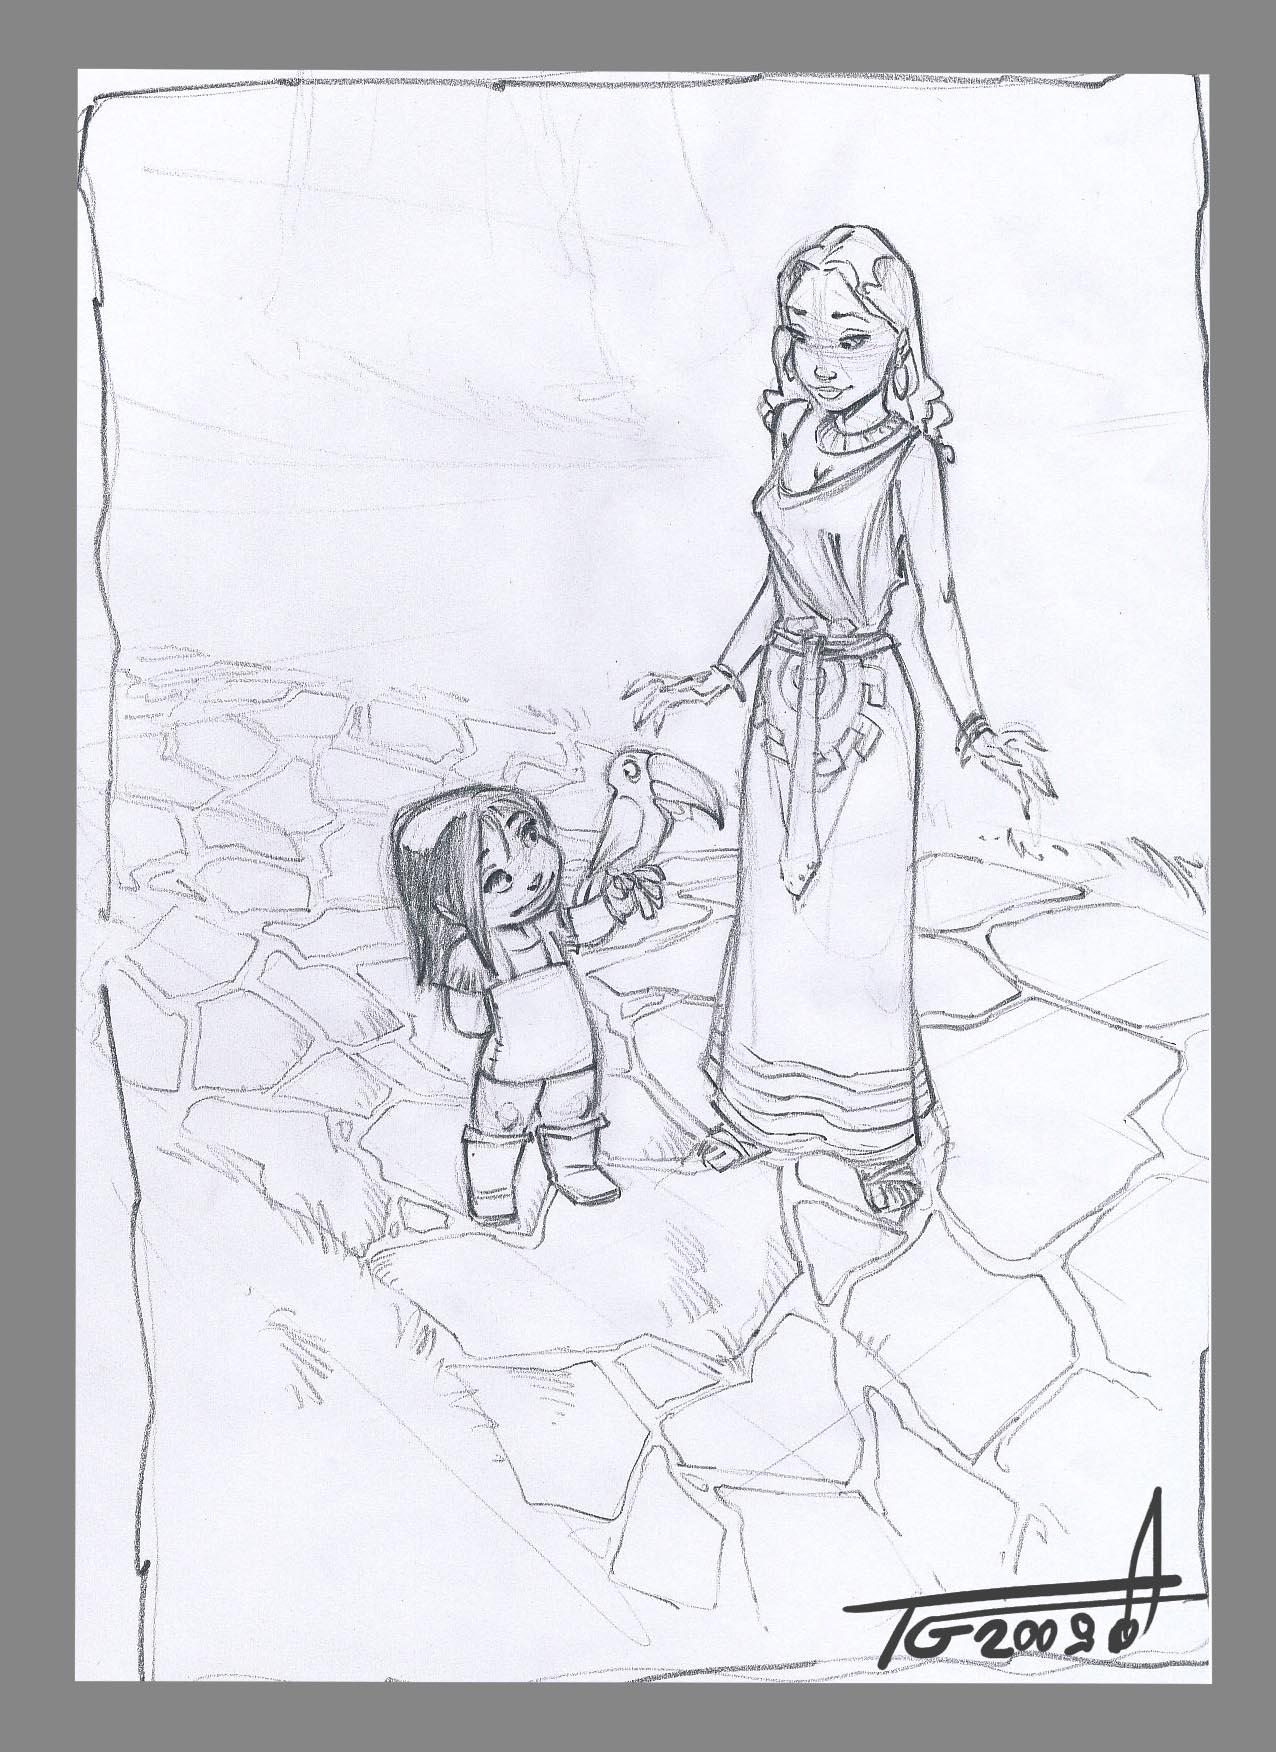 Sketch04 rough